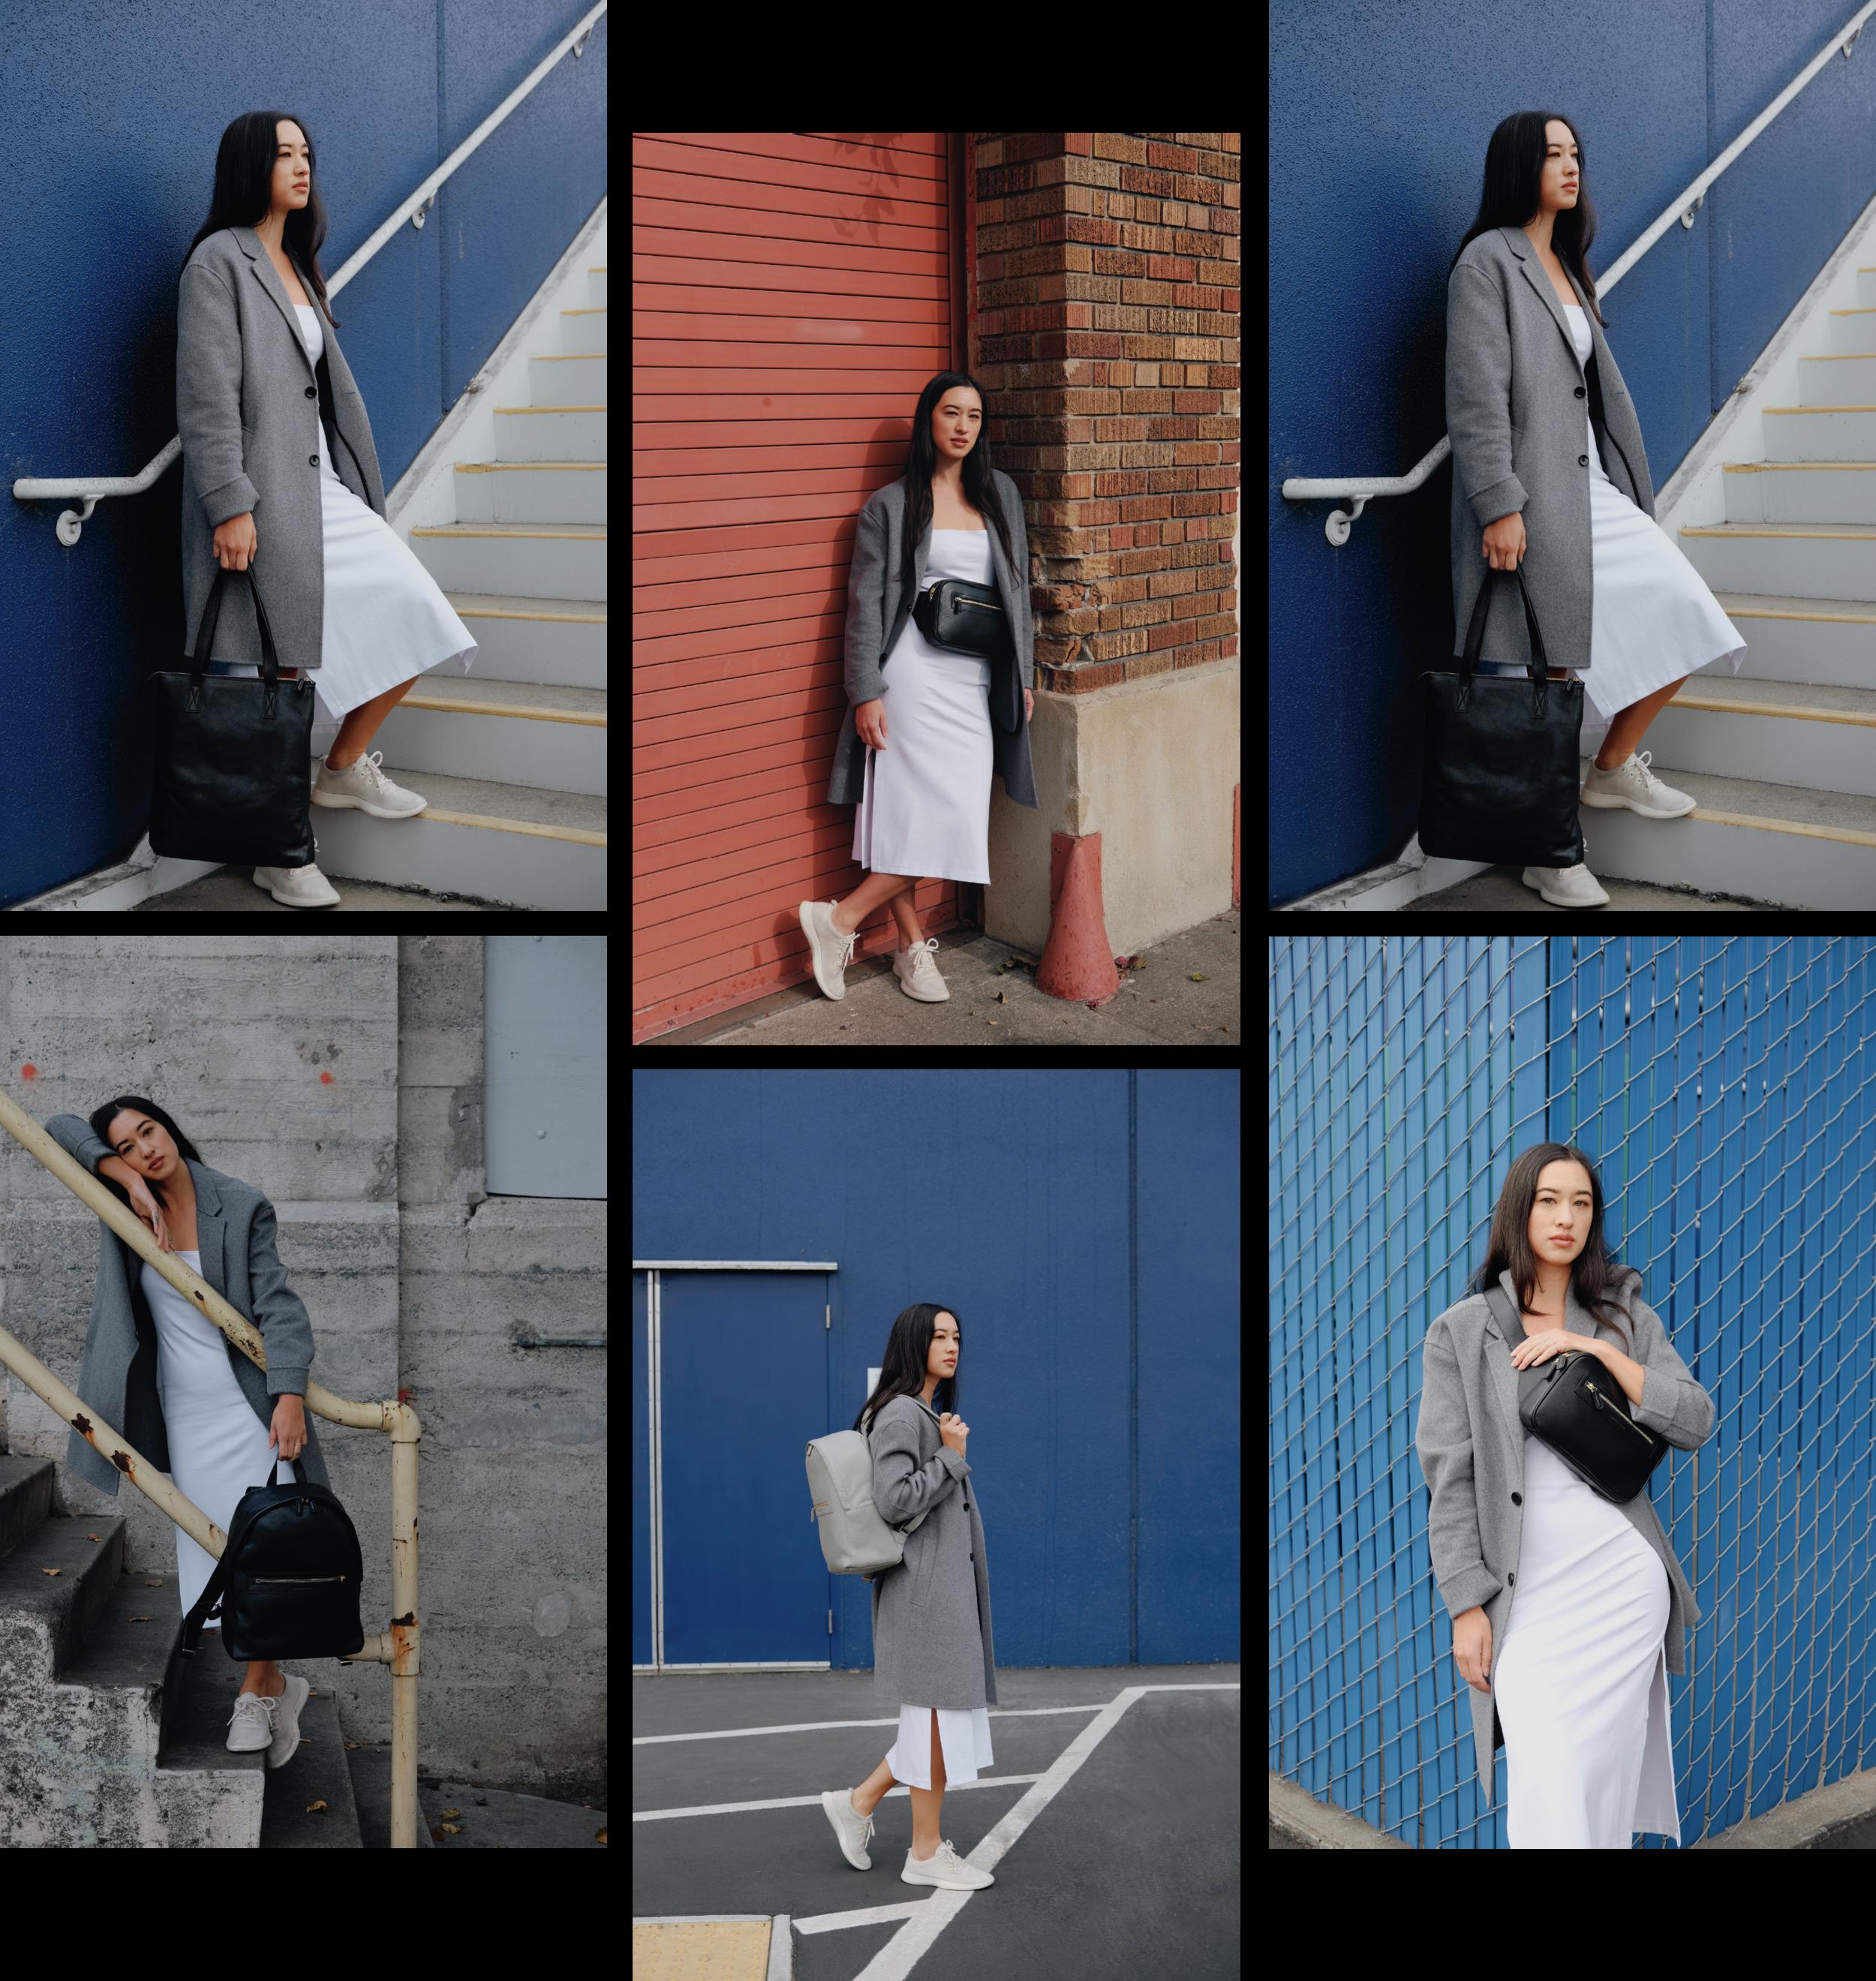 Bags featured:  NO° A1 - BLACK  |  NO° D1 - BLACK  |  NO° C1 - BLACK  |  NO° C2 - GREY